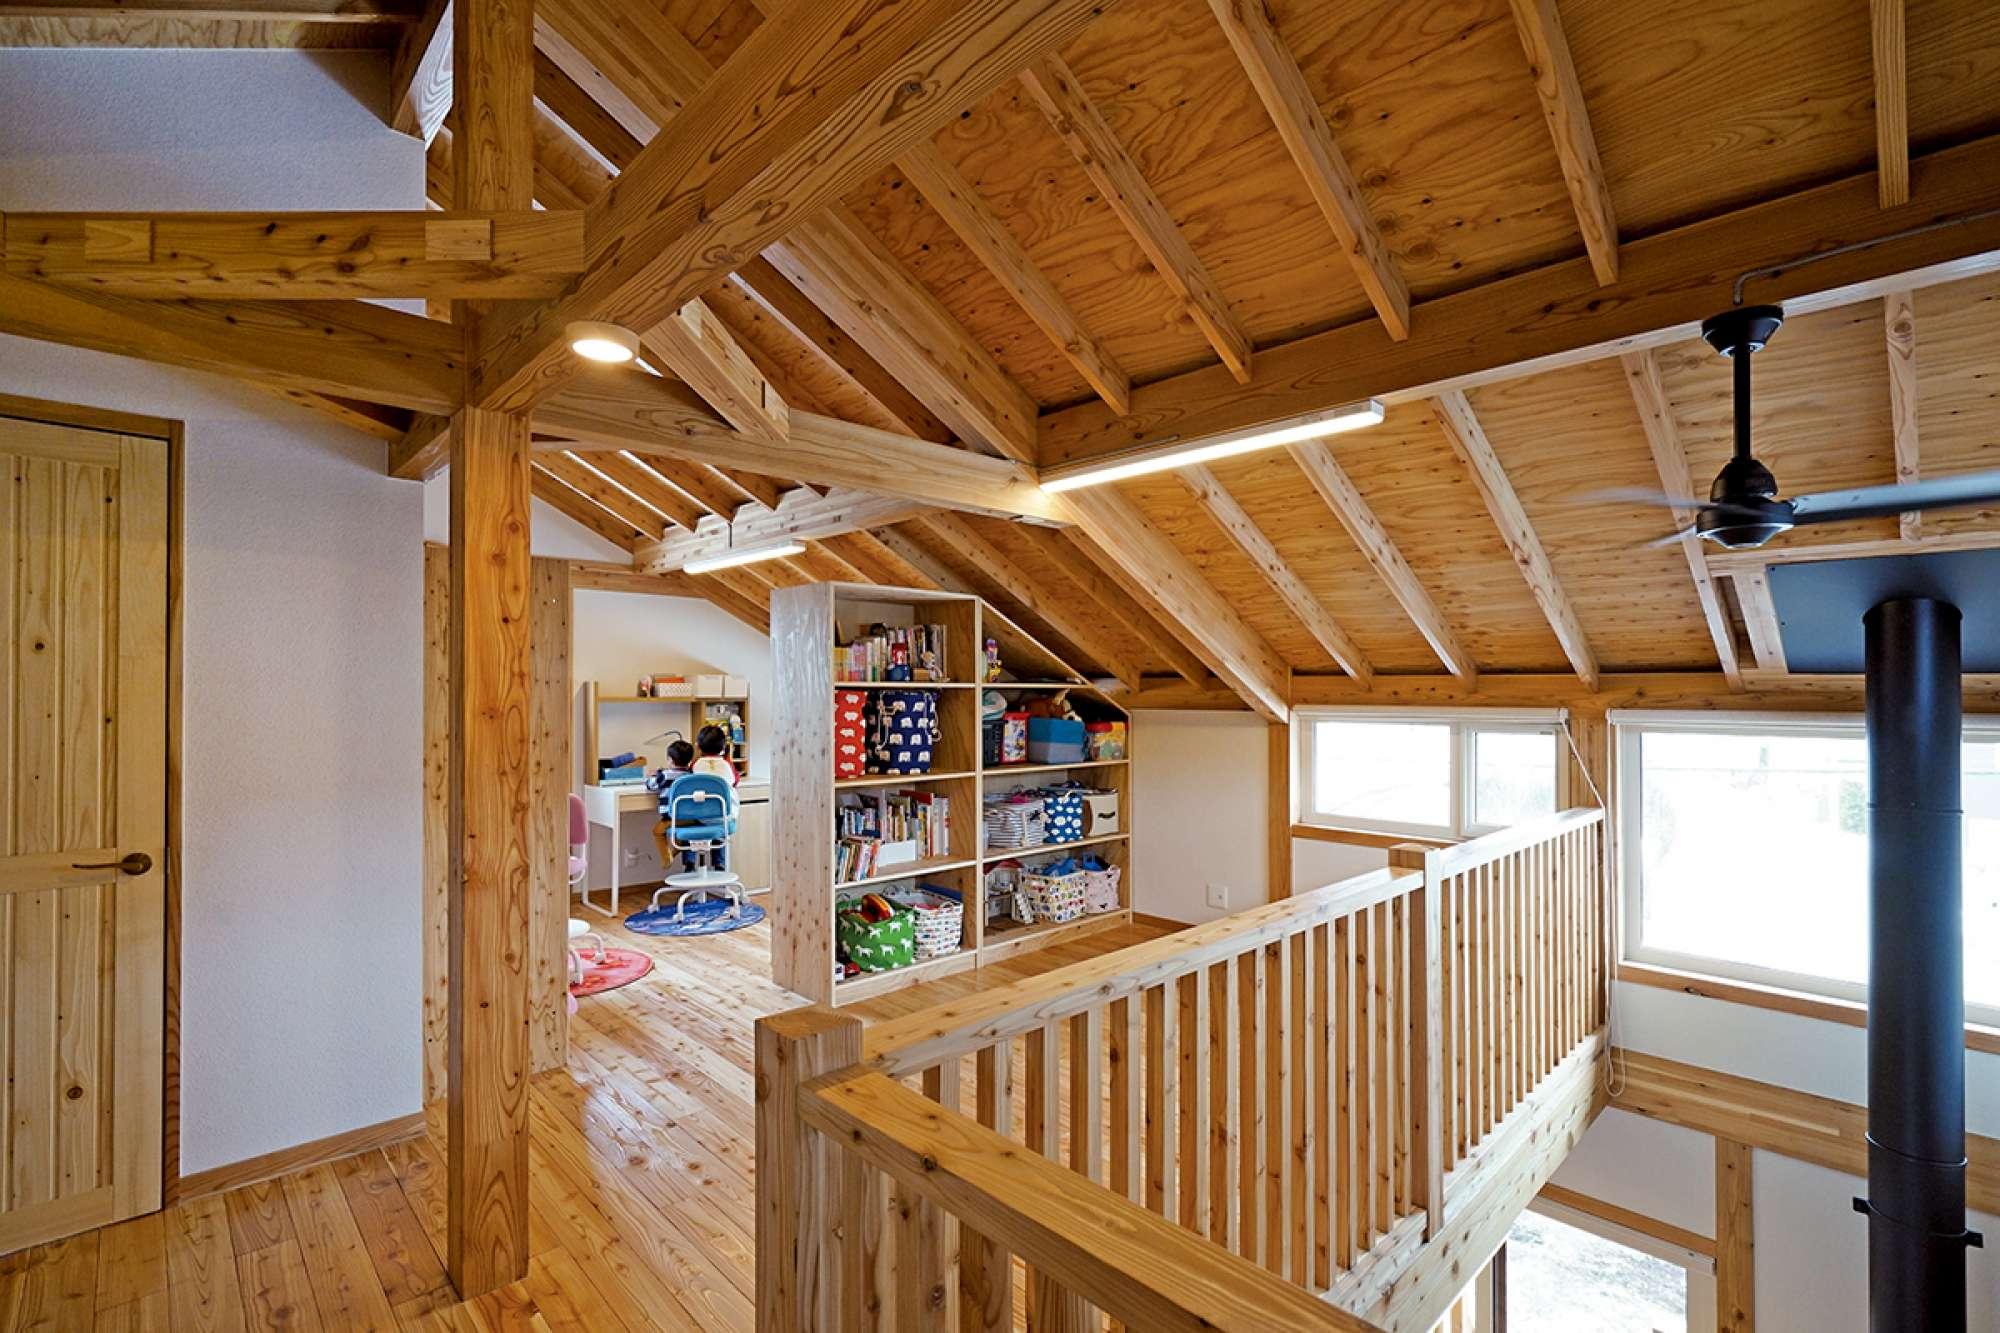 屋根の傾斜に合わせて造作したフリールームの移動式収納棚 -  -  -